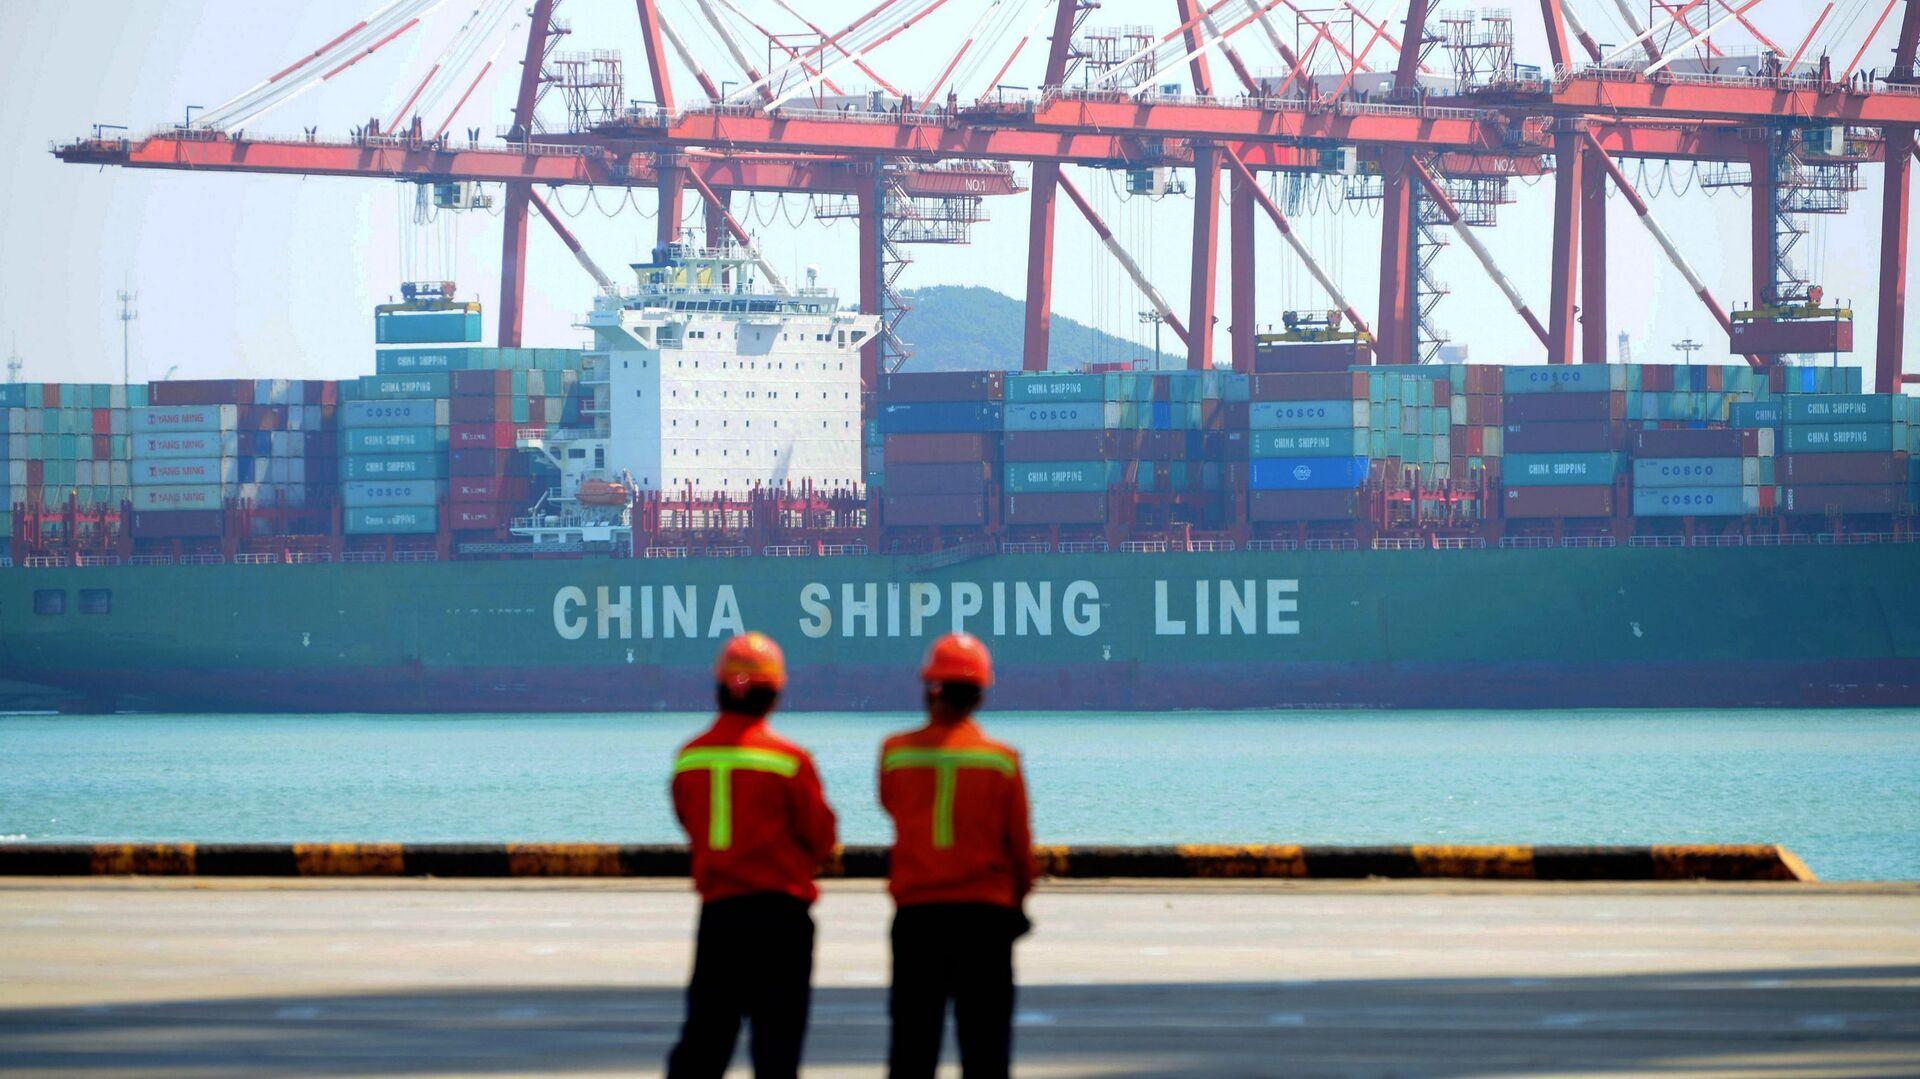 Trabajadores chinos en un muelle de carga del puerto de Qingdao, provincia de Shandong, China, el 13 de abril de 2017 - Sputnik Mundo, 1920, 07.06.2021